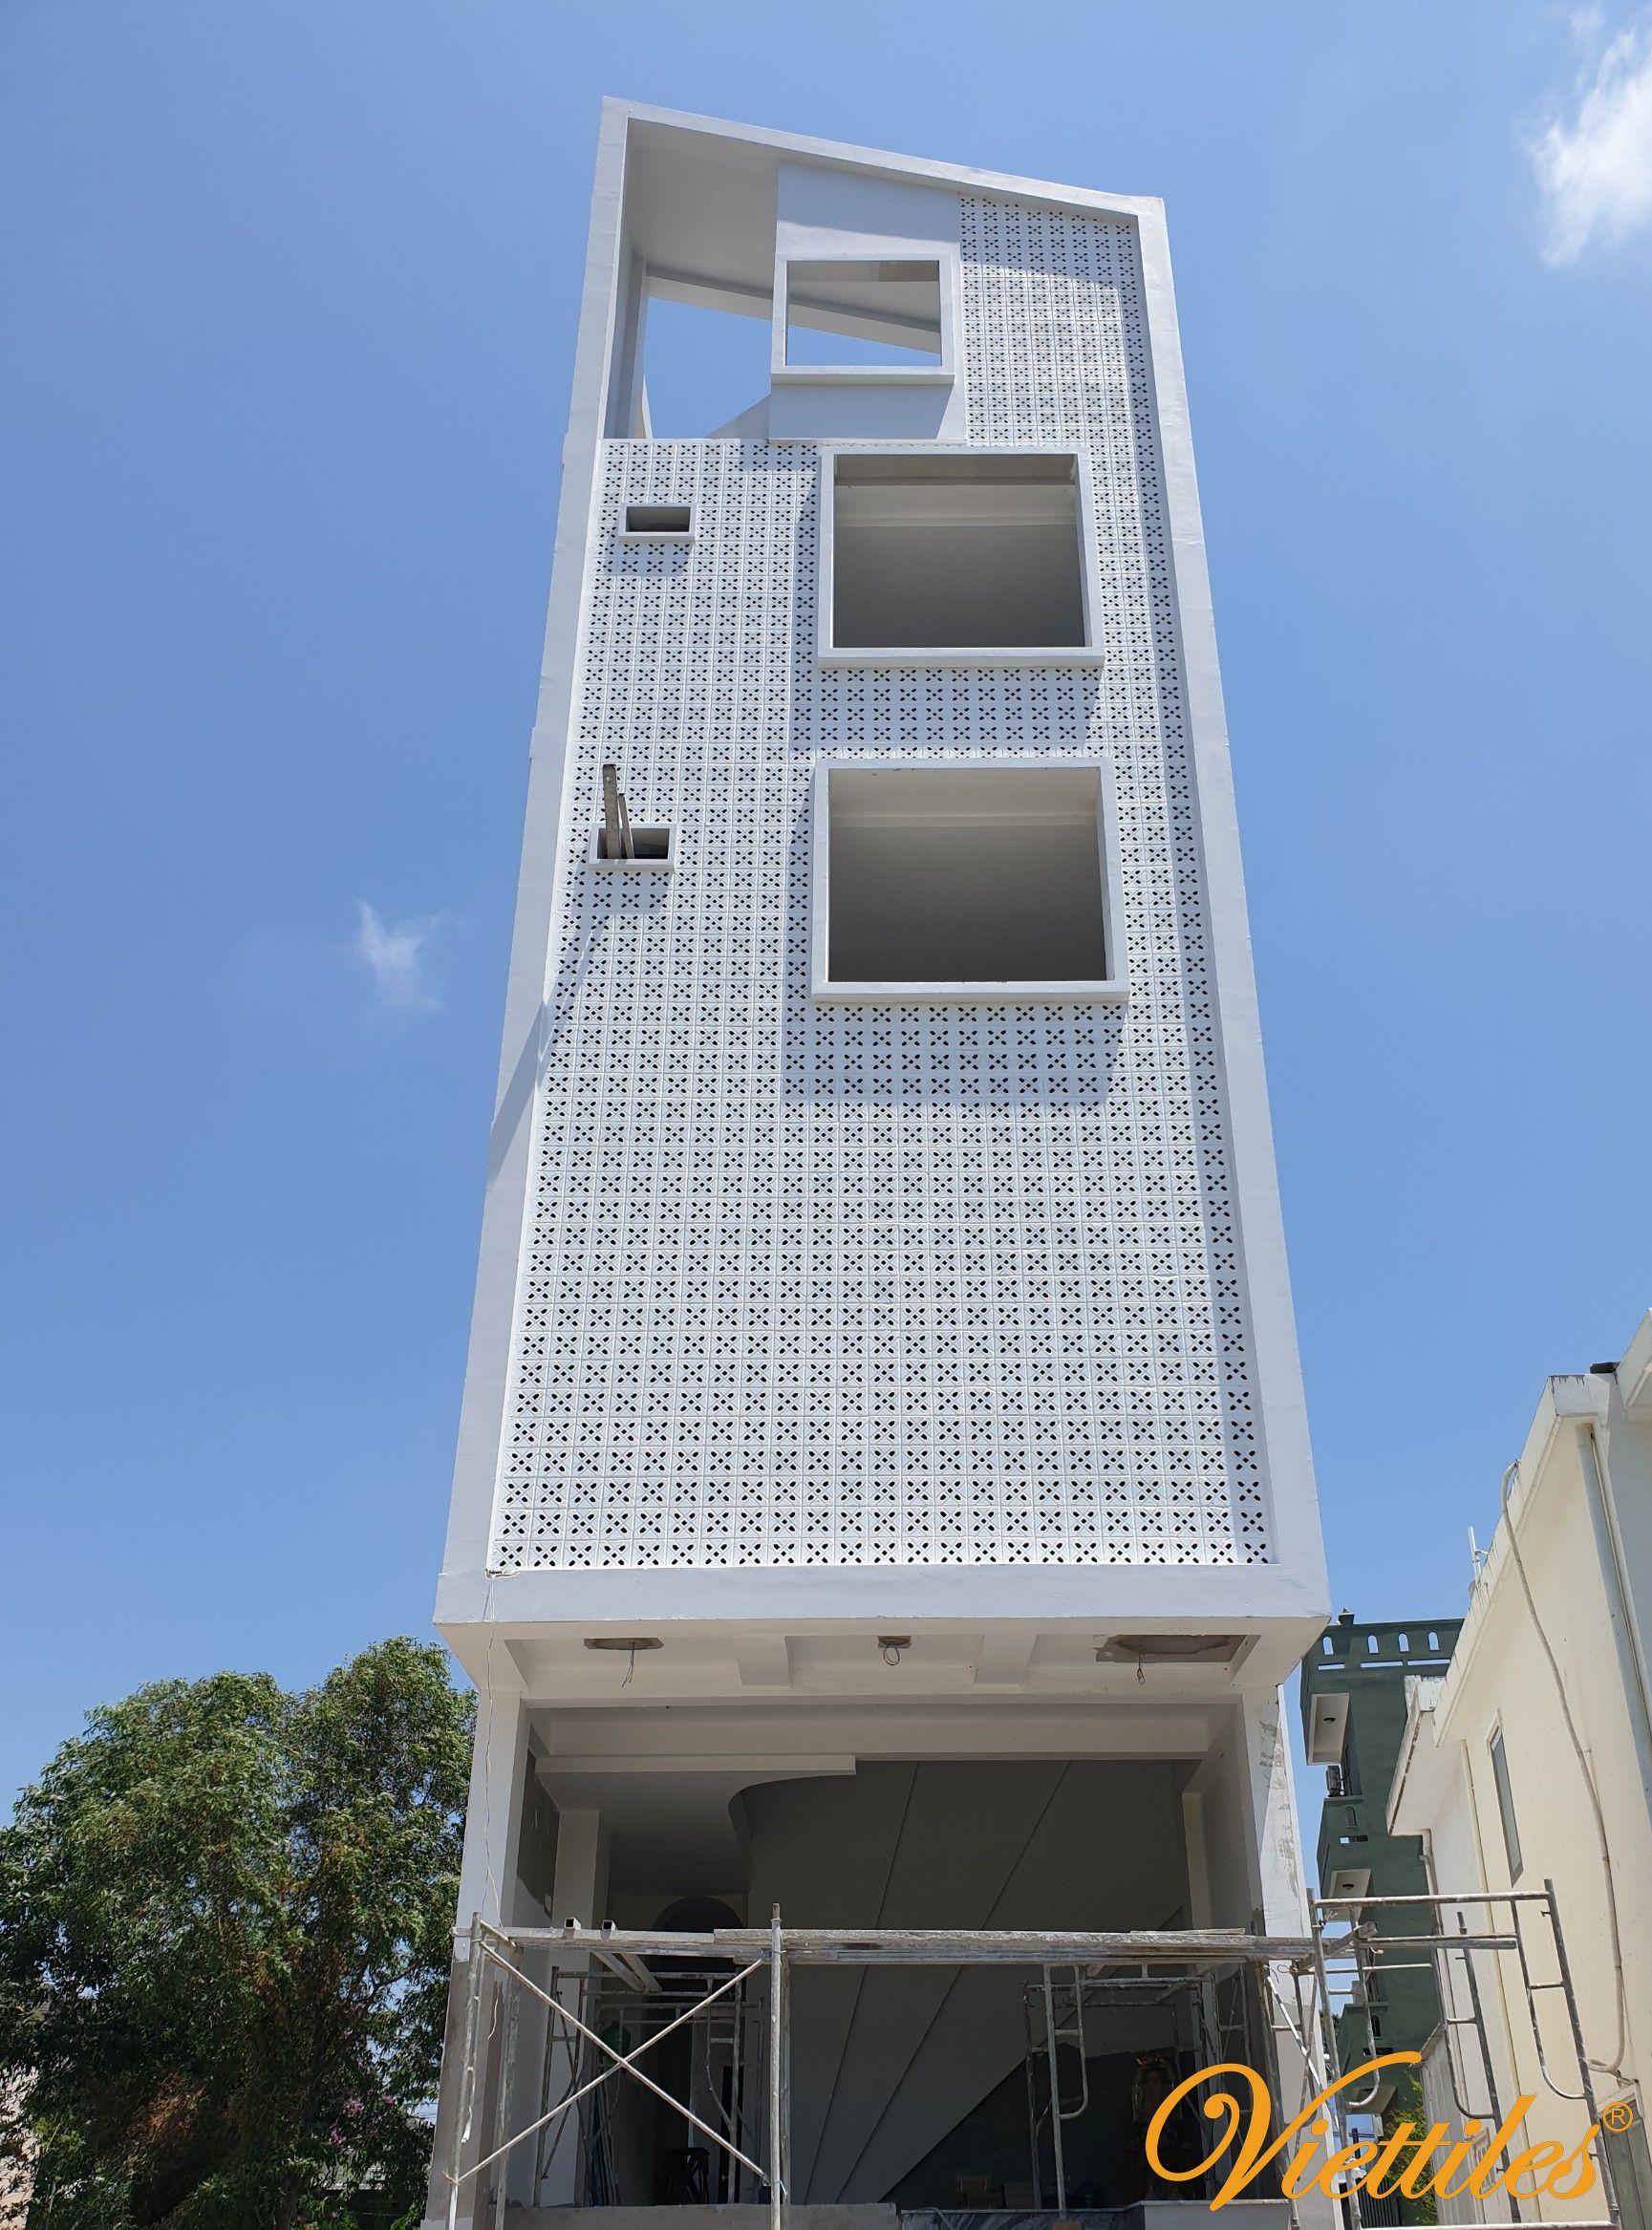 Viettiles shows off natural breeze cement blocks Break the bungalow